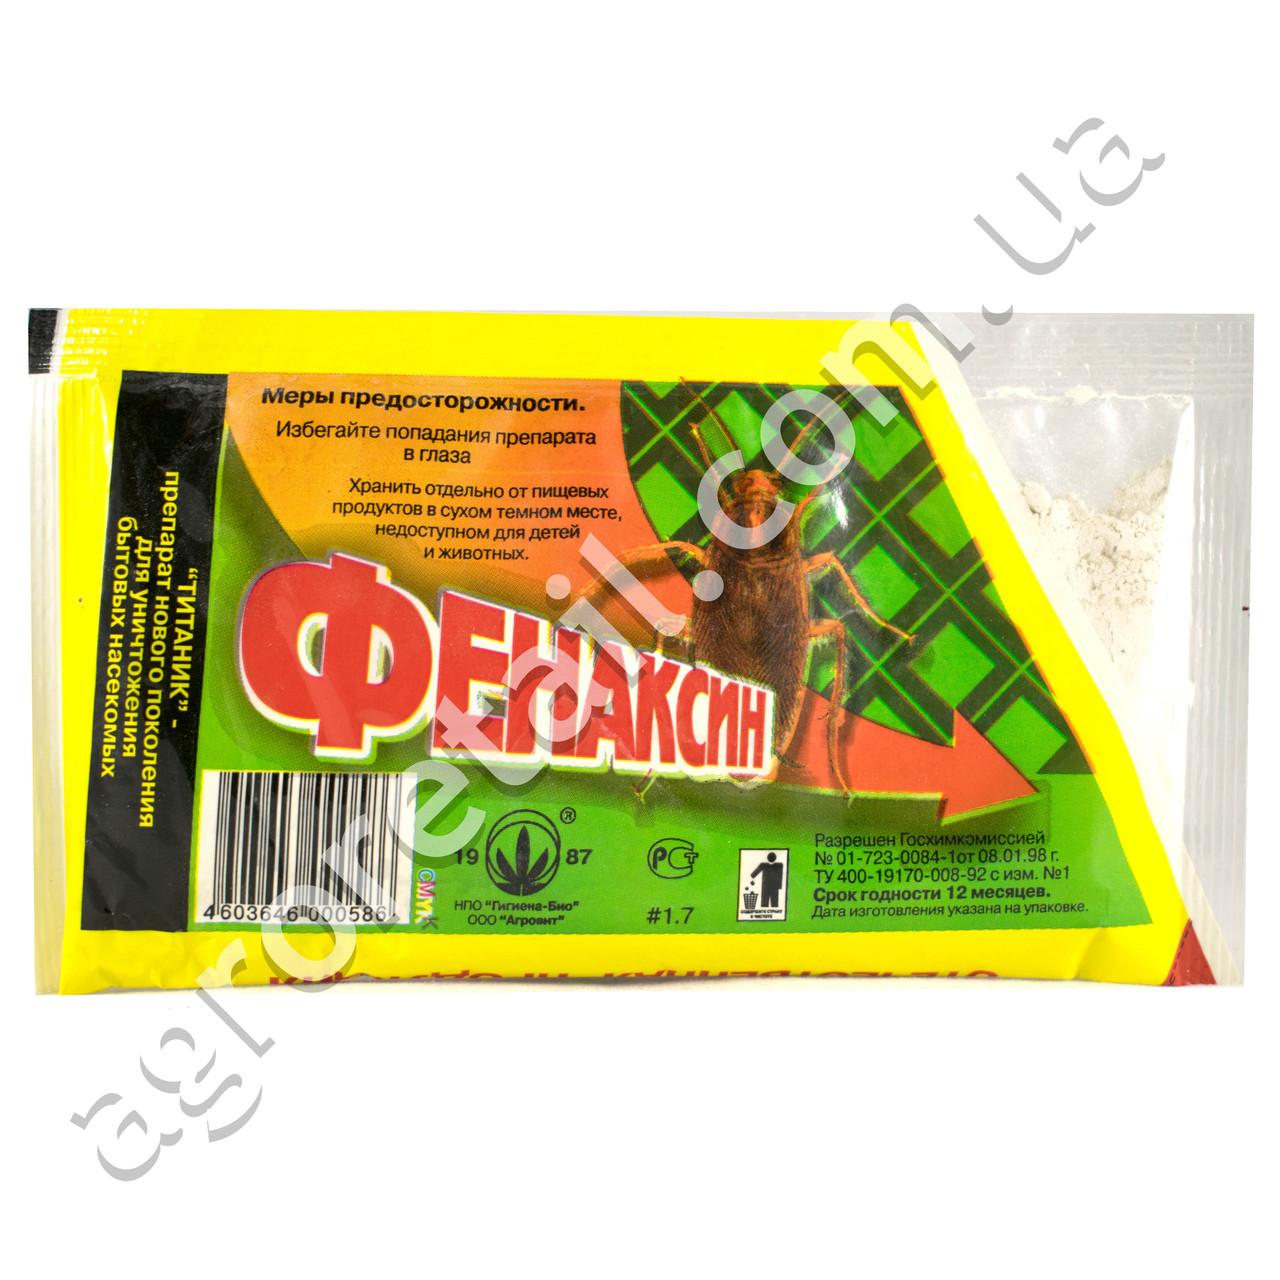 Порошок от бытовых насекомых Фенаксин 100 г